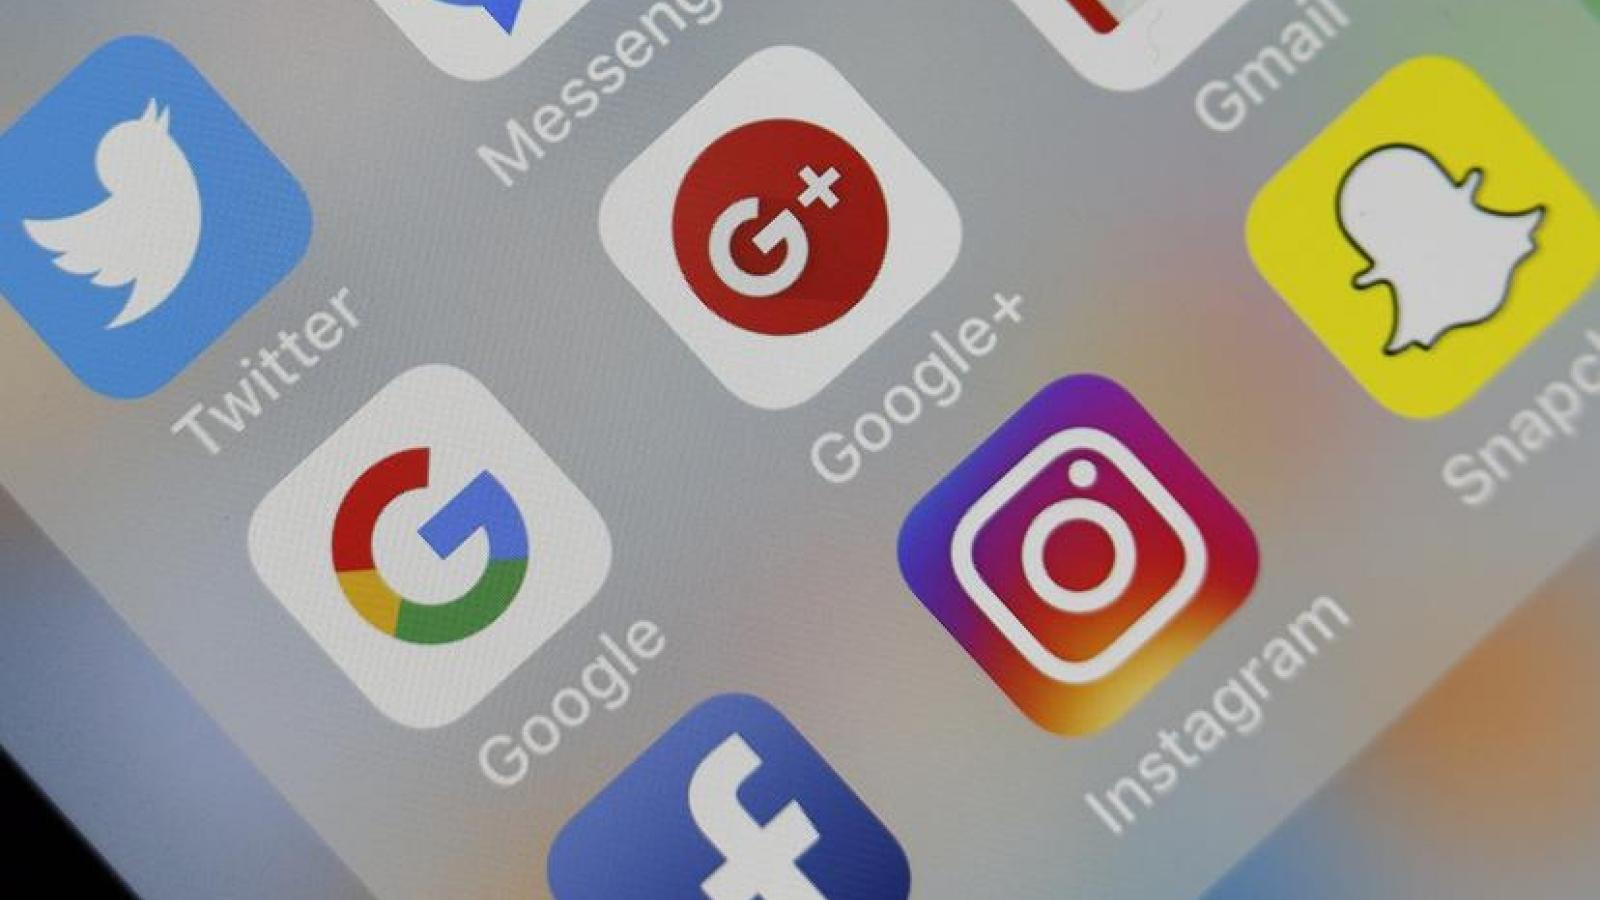 Người dùng mạng xã hội ở Australia có thể phải cung cấp giấy tờ tùy thân